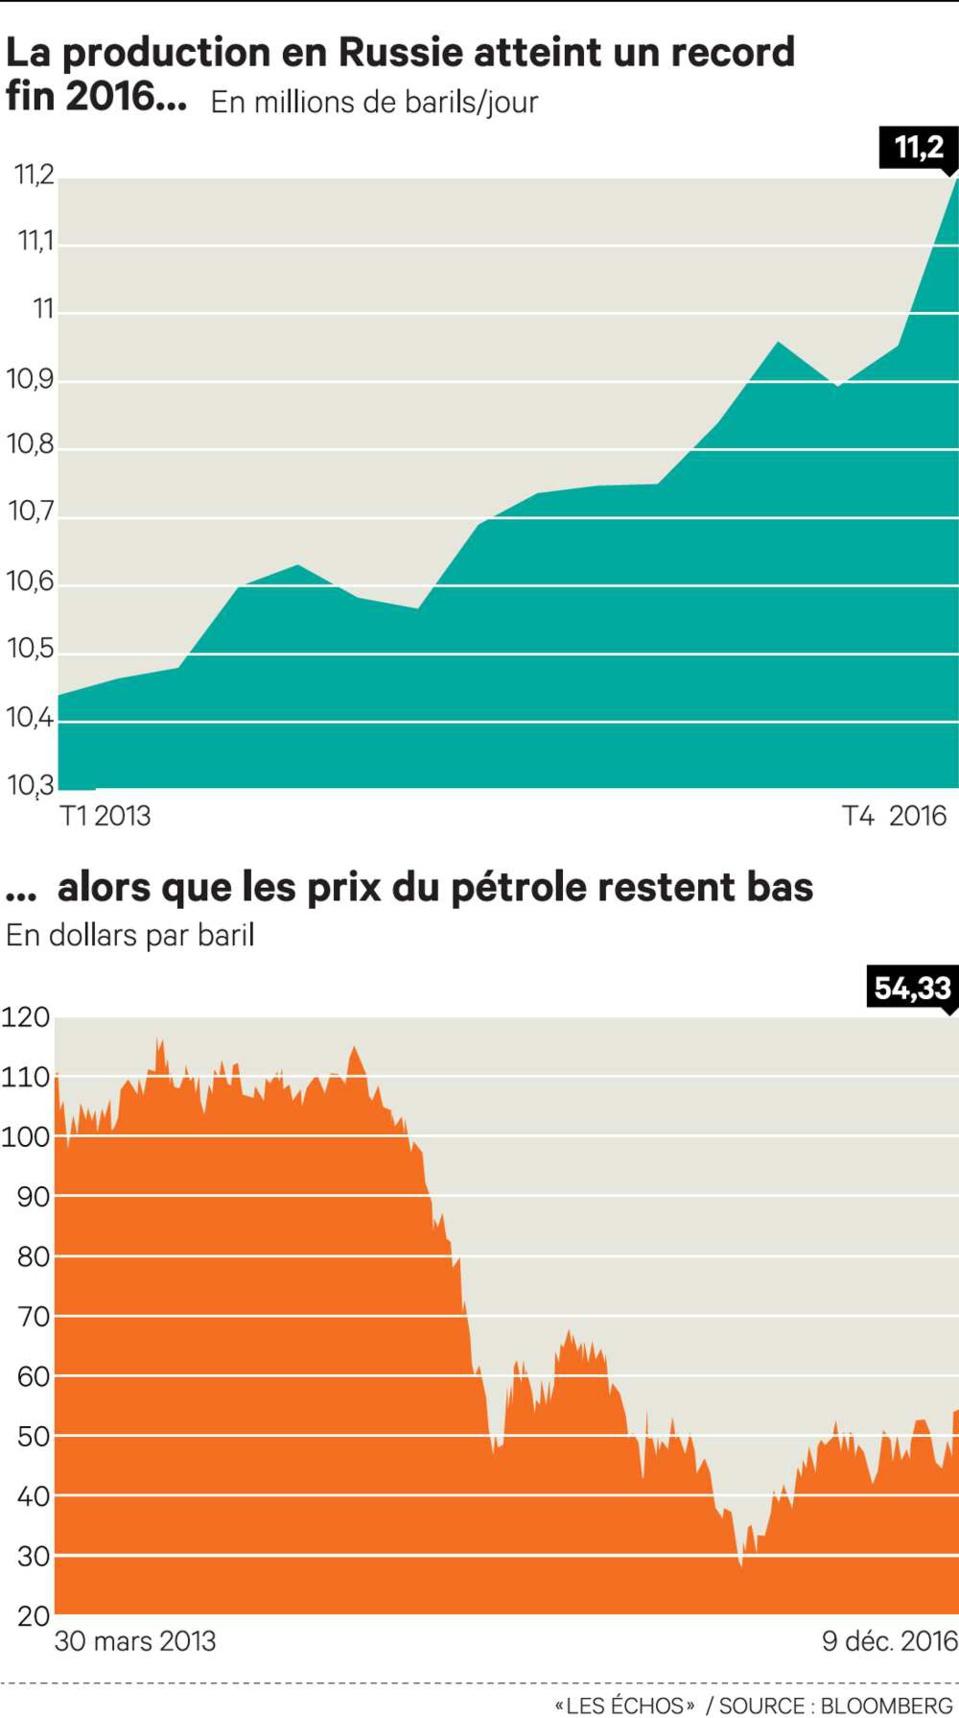 La Guinée Equatoriale rejoint le pacte de limitation de la production de pétrole au coté de la Russie